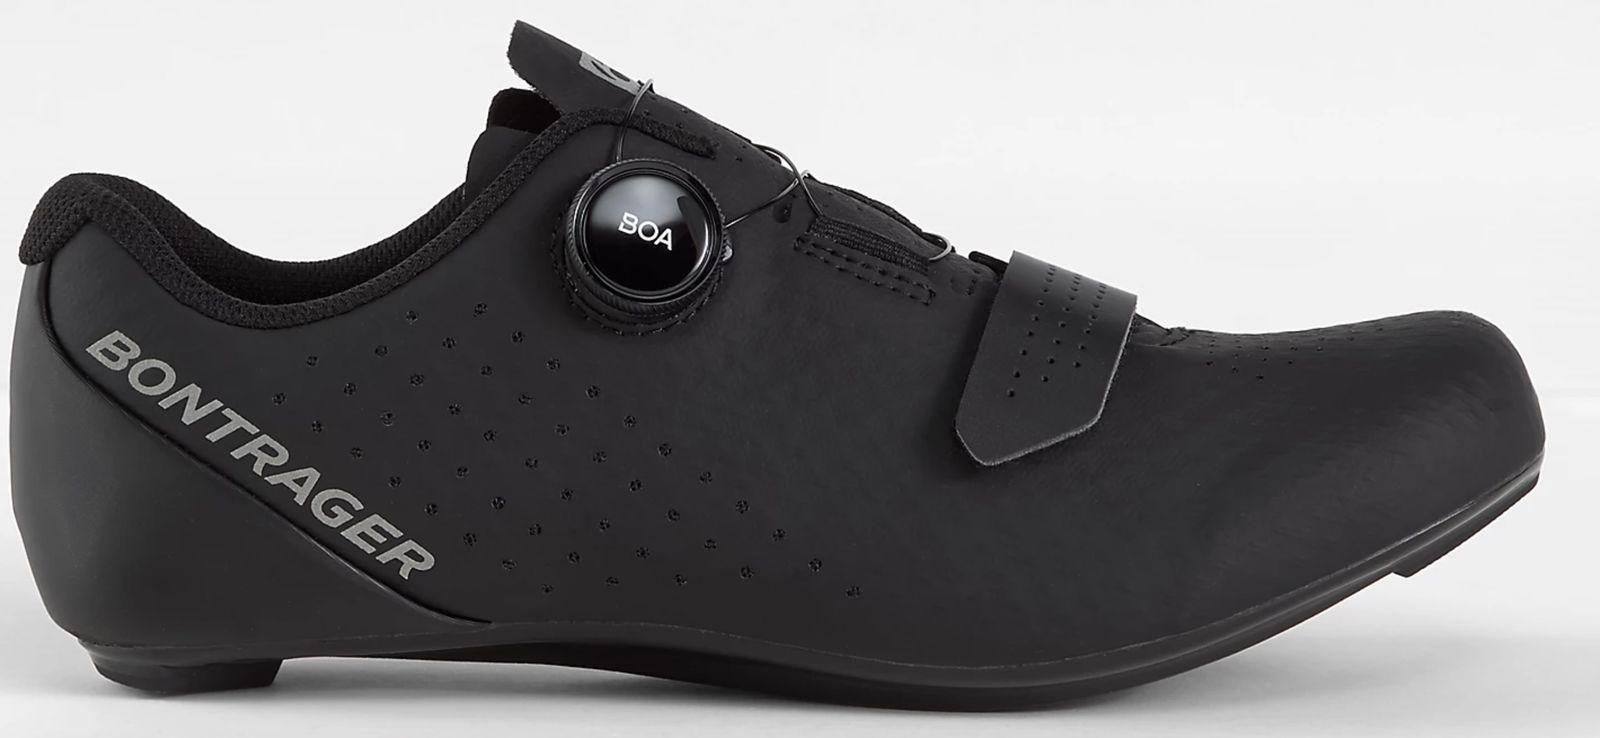 bontrager circuit best road shoes